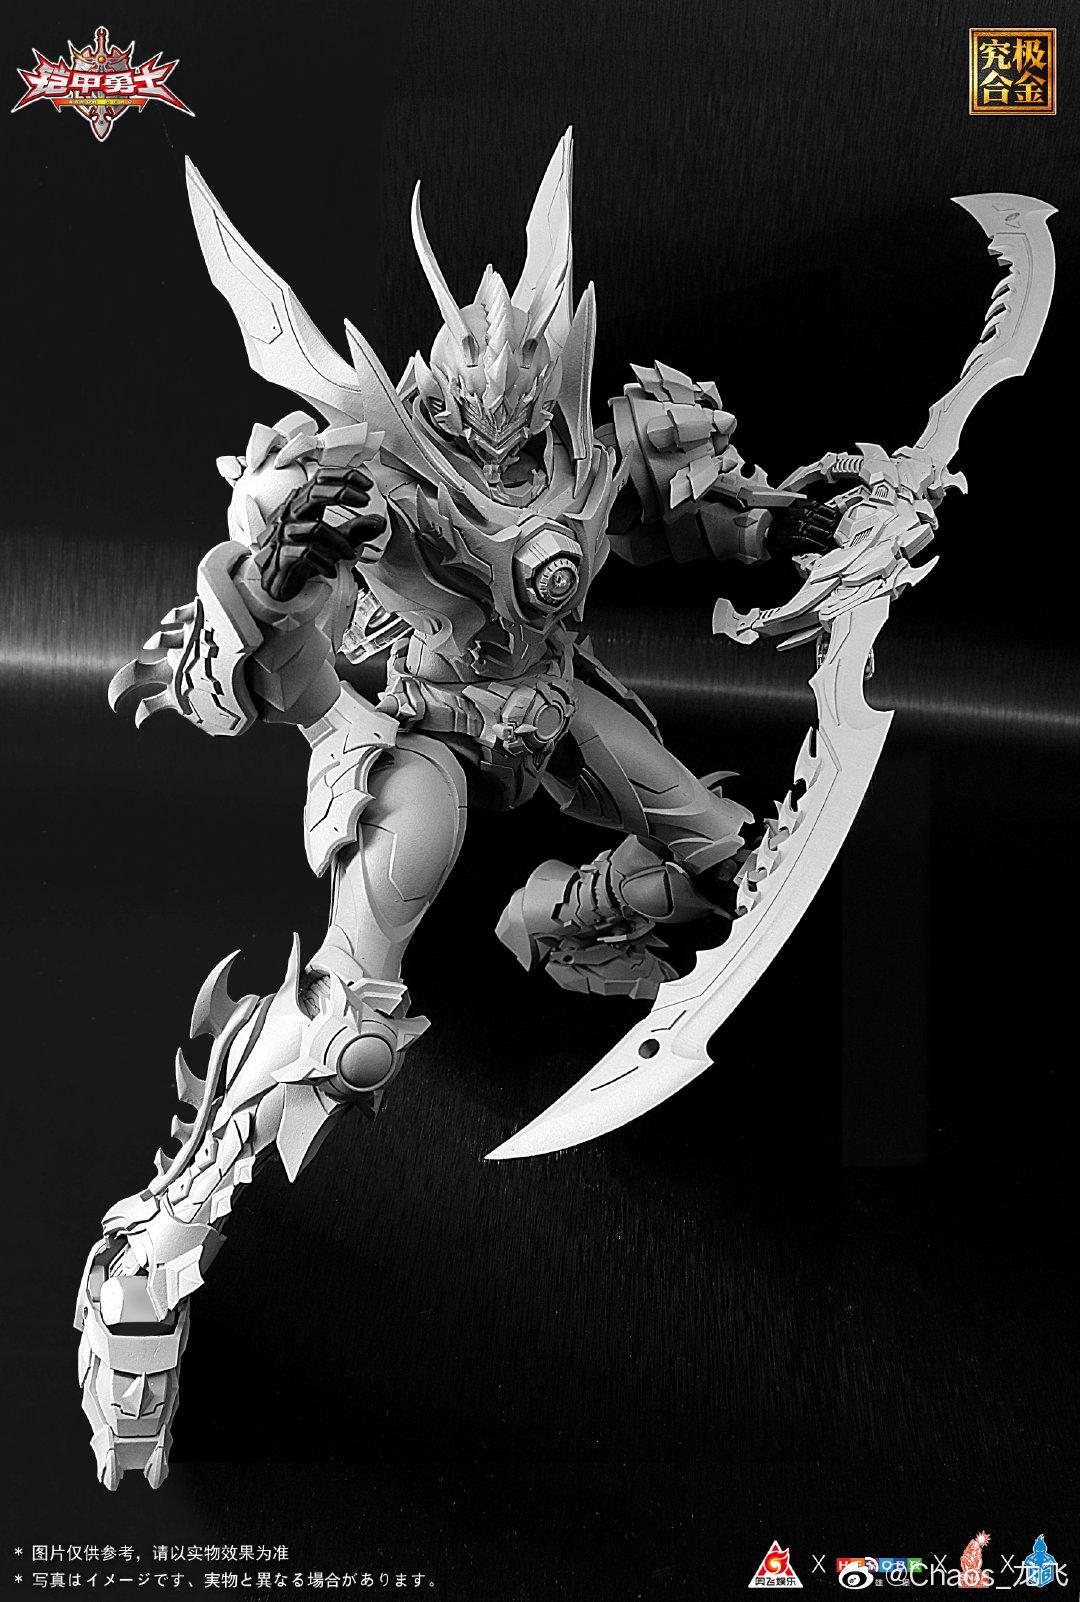 S536_snap_Armor_hero_Emperor_enryu_006.jpg